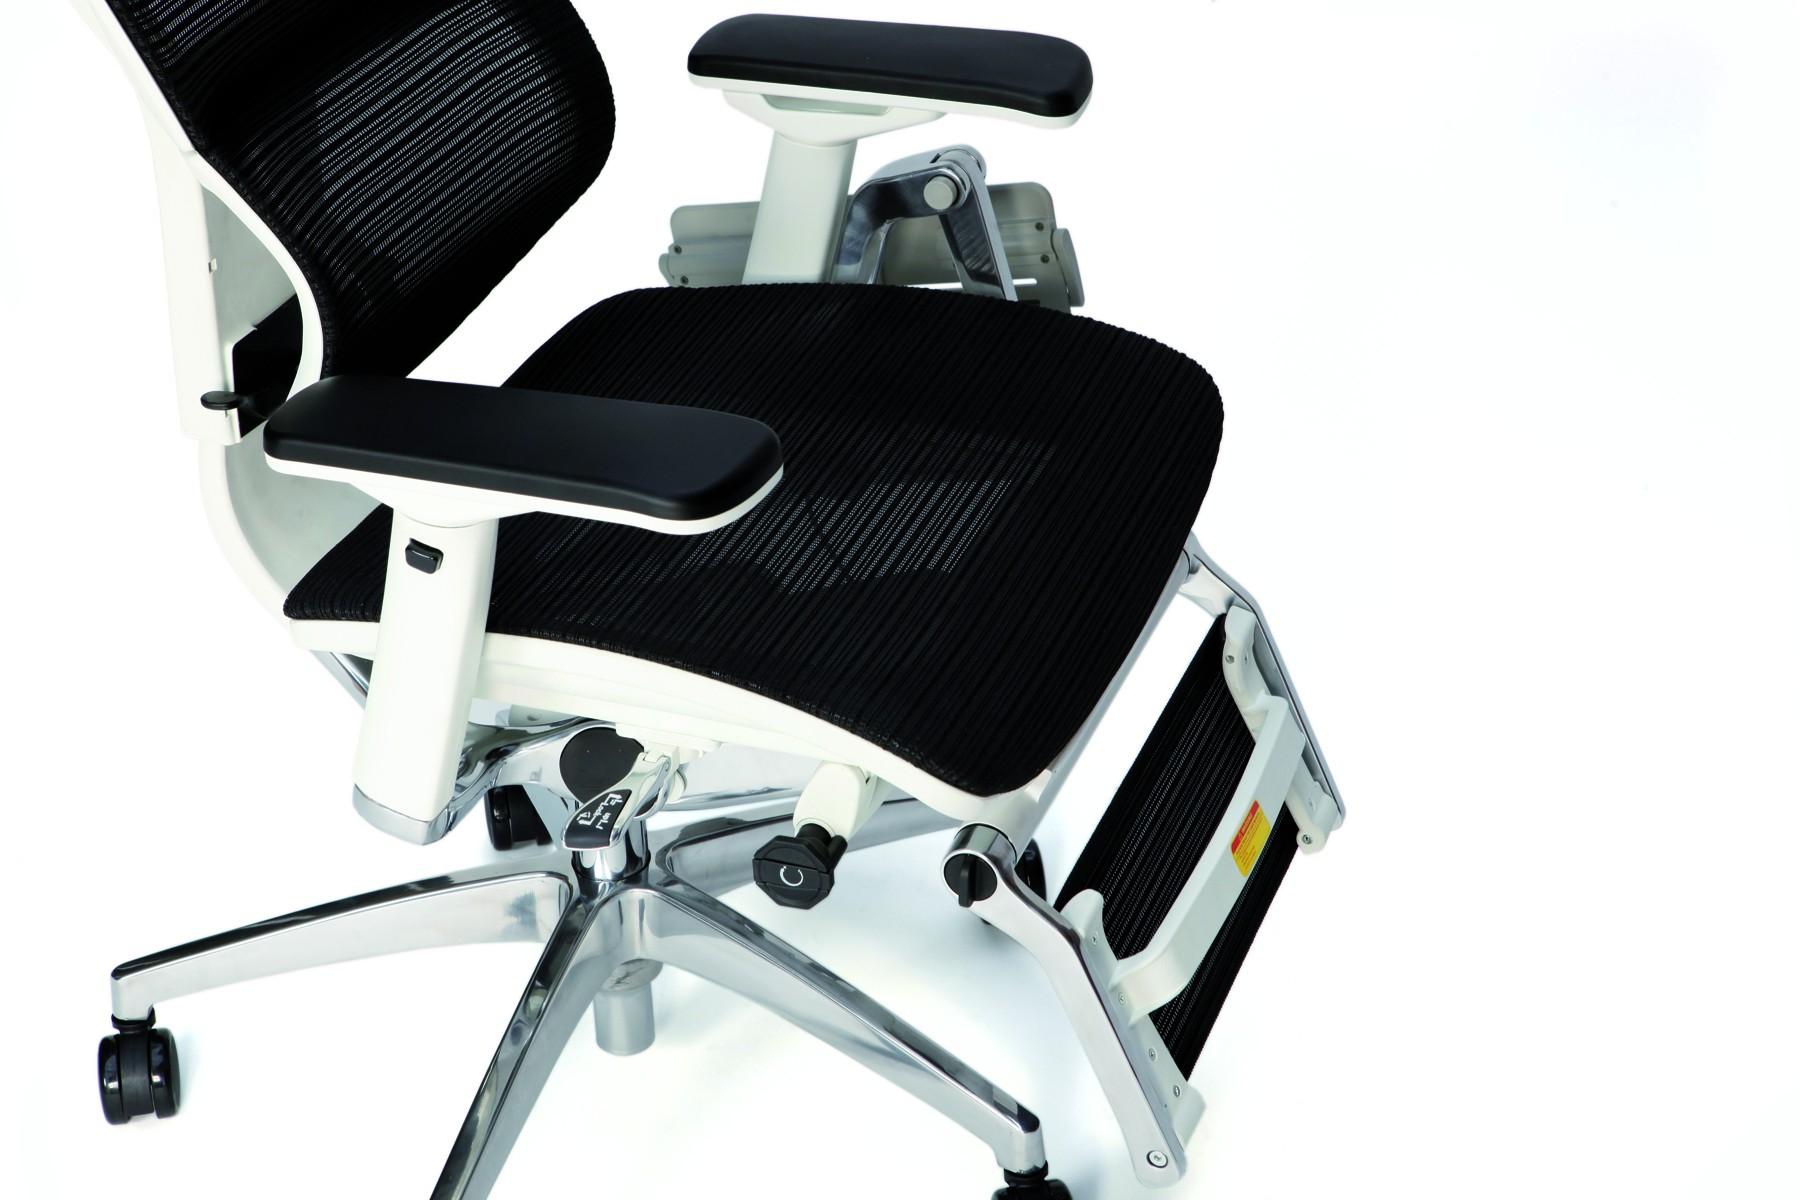 fauteuil de bureau ergonomique ultim rp tablette achat. Black Bedroom Furniture Sets. Home Design Ideas